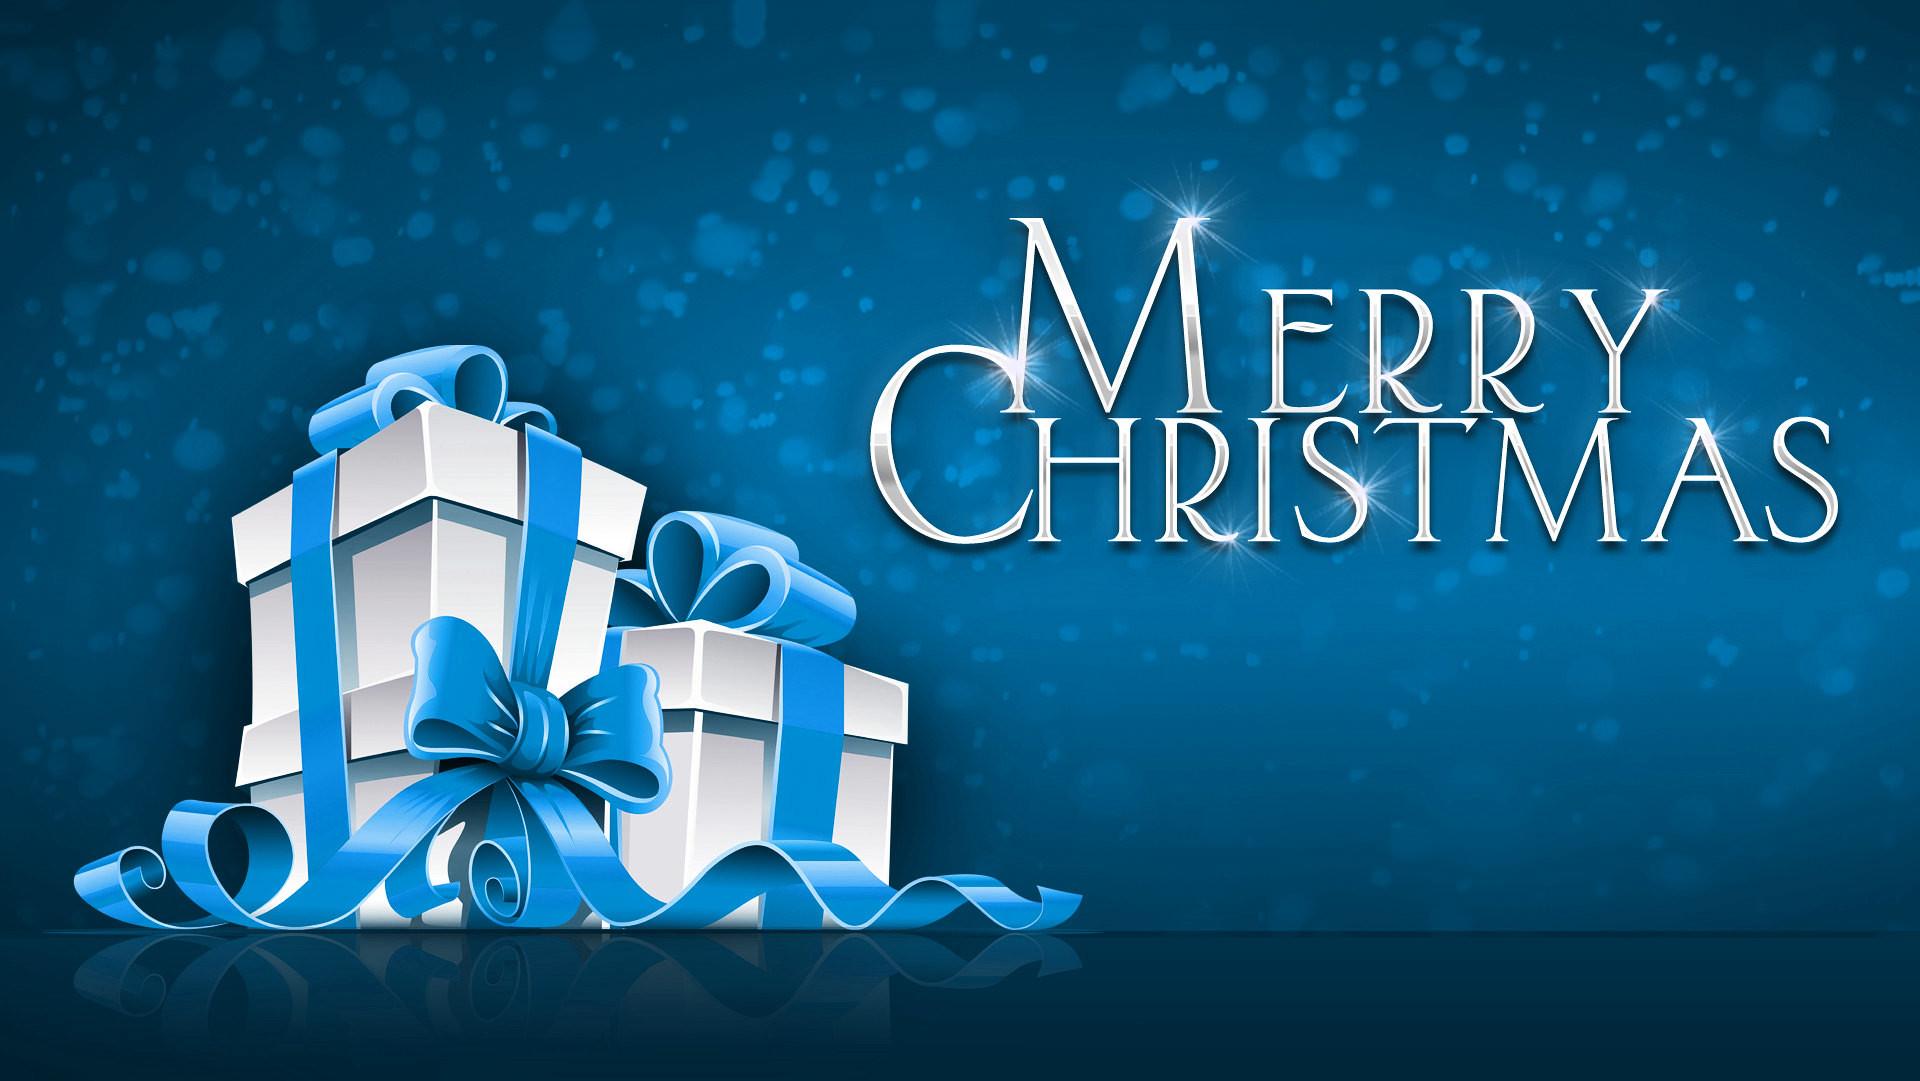 Merry Christmas Widescreen Desktop Wallpaper